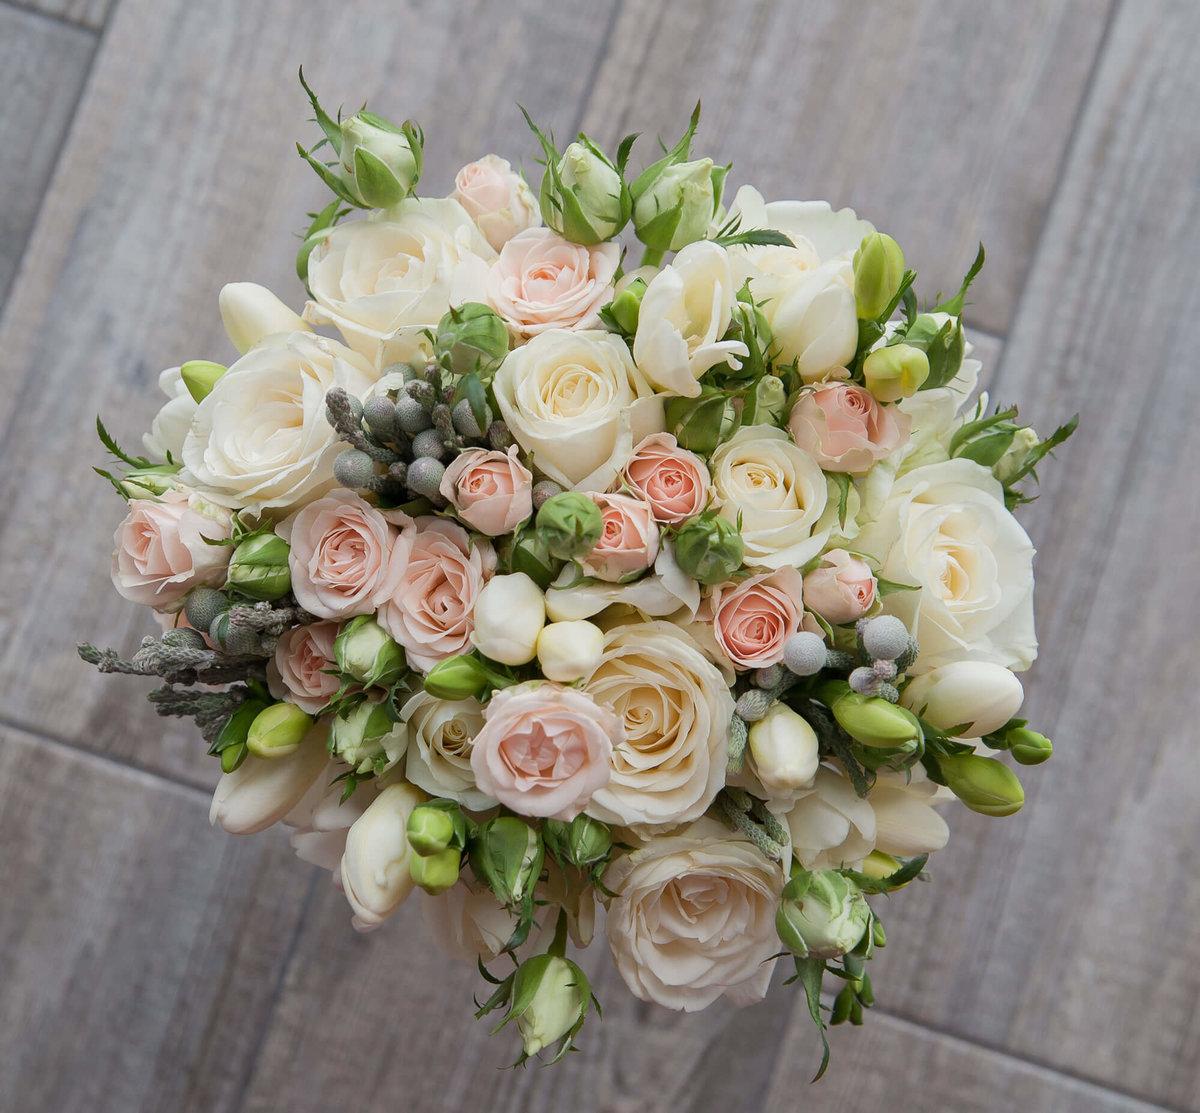 Свадебный букет из розовой фрезий и роз, цветов 101